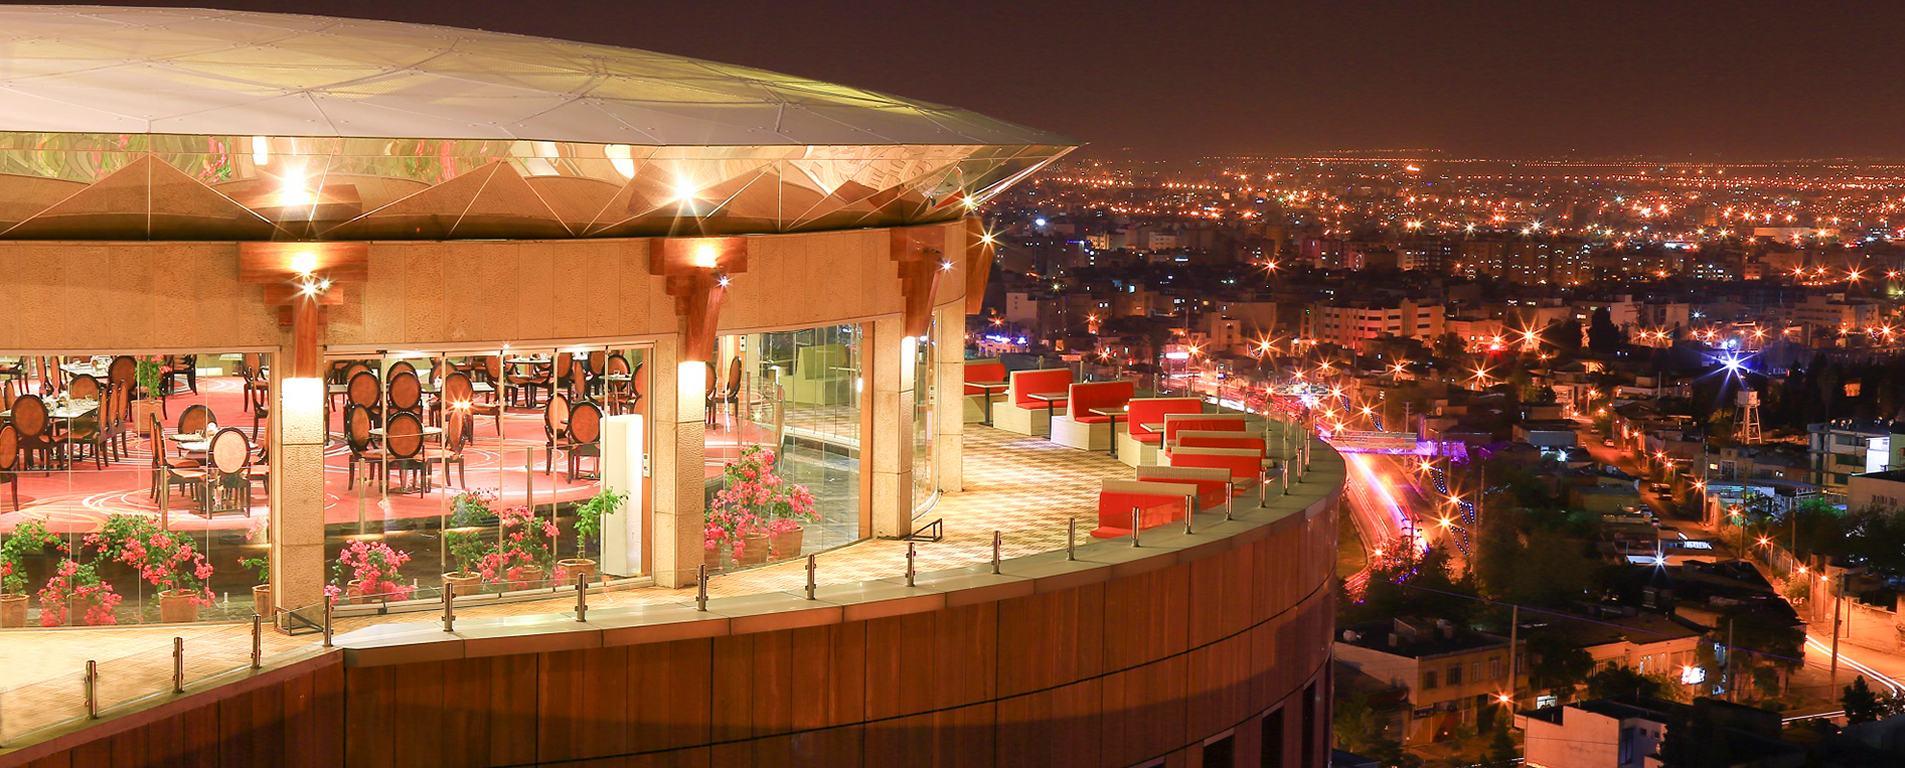 هتل های شیراز ، آرامش در سرزمین شعر و شاعری